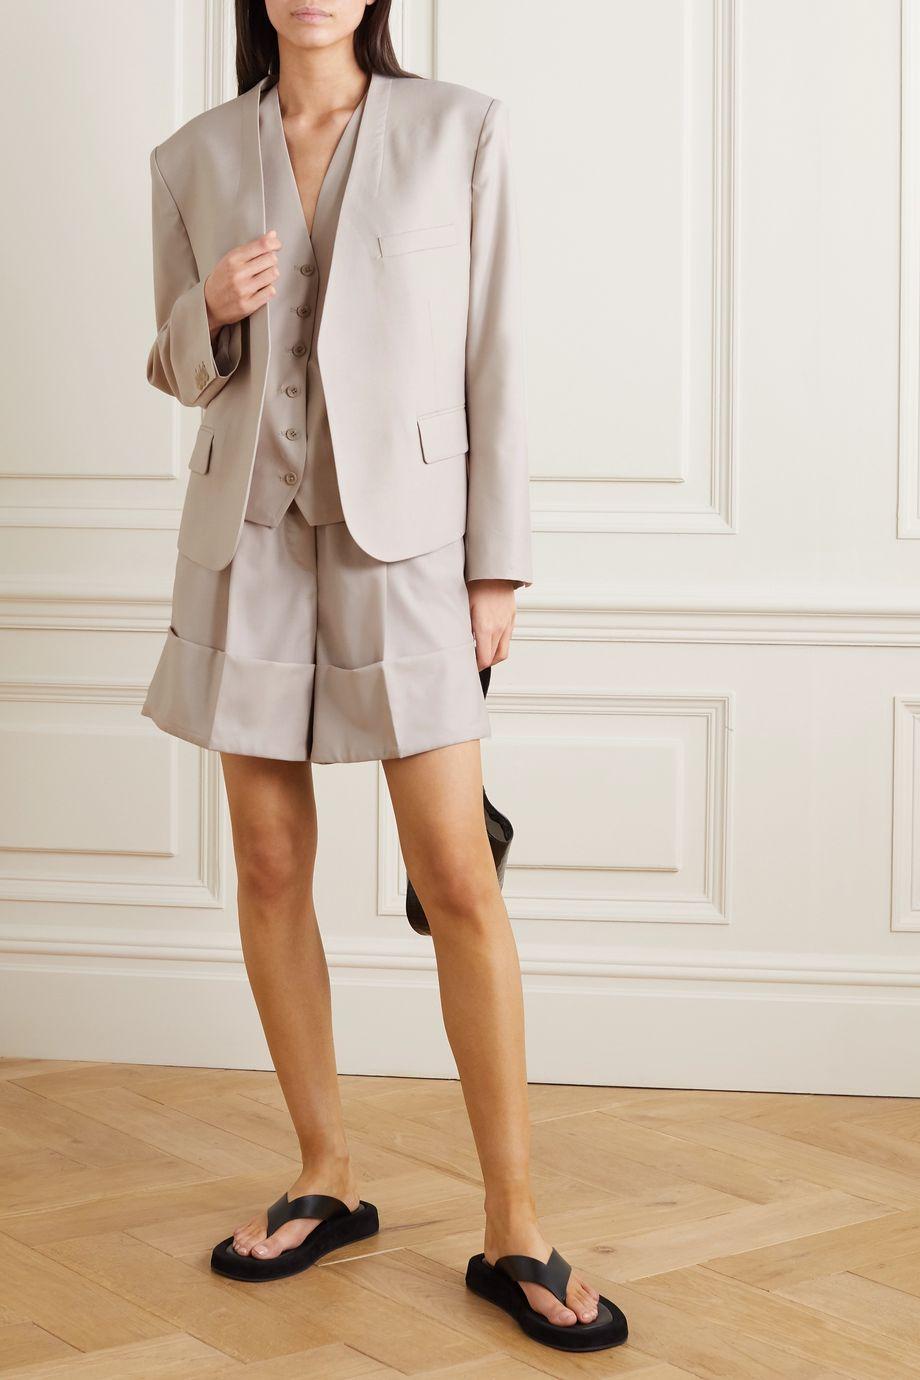 LOW CLASSIC Grain de poudre wool blazer and vest set